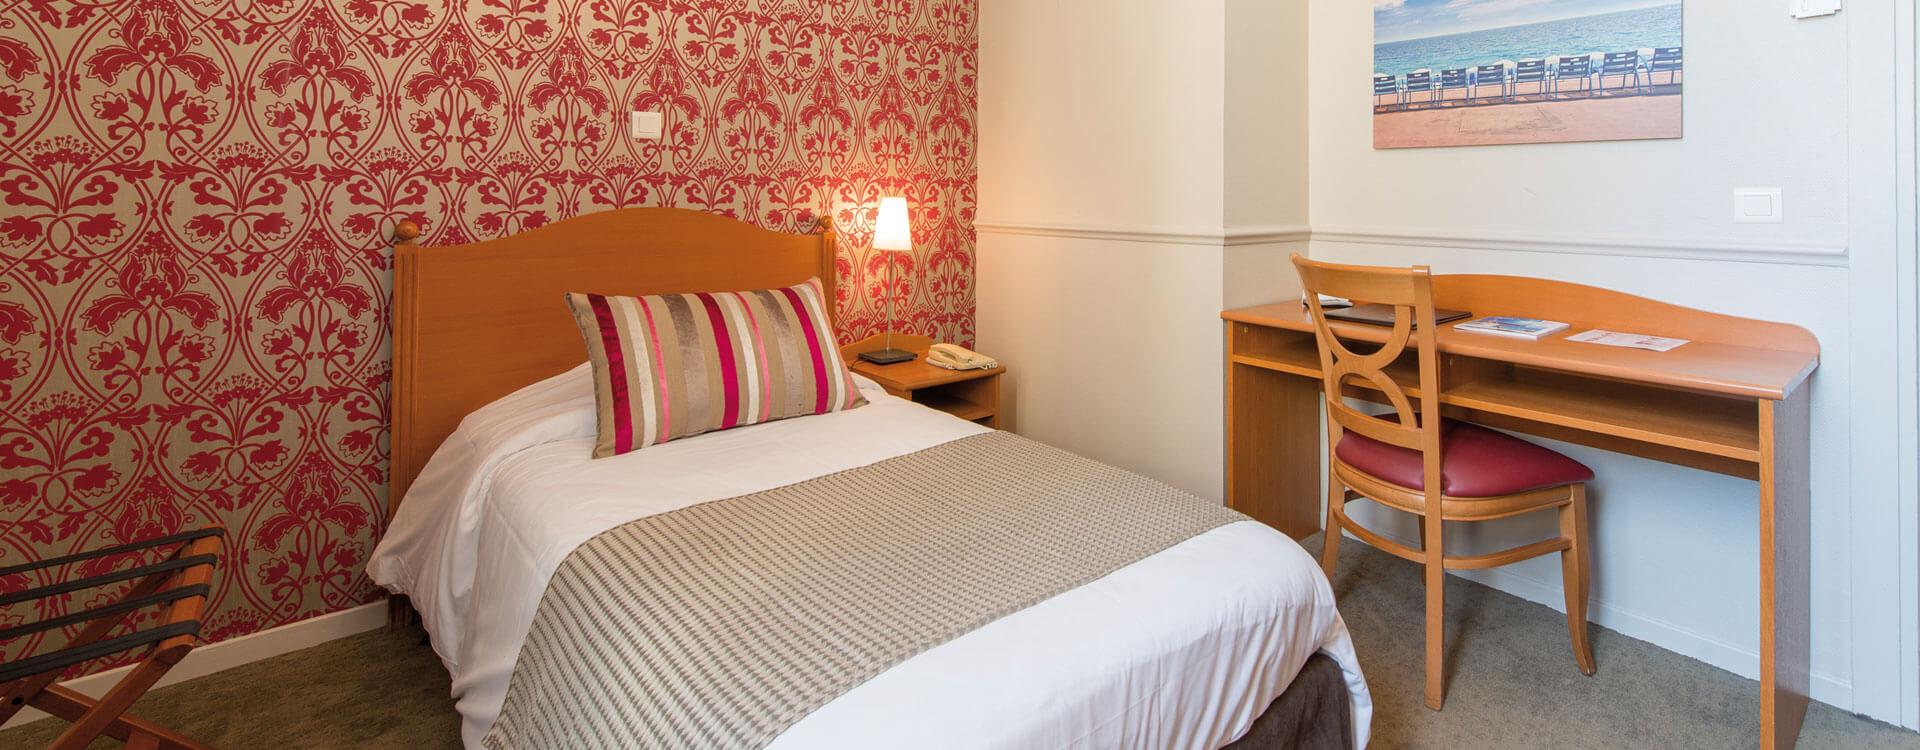 Chambres - Hôtel*** Le Royal à Nice